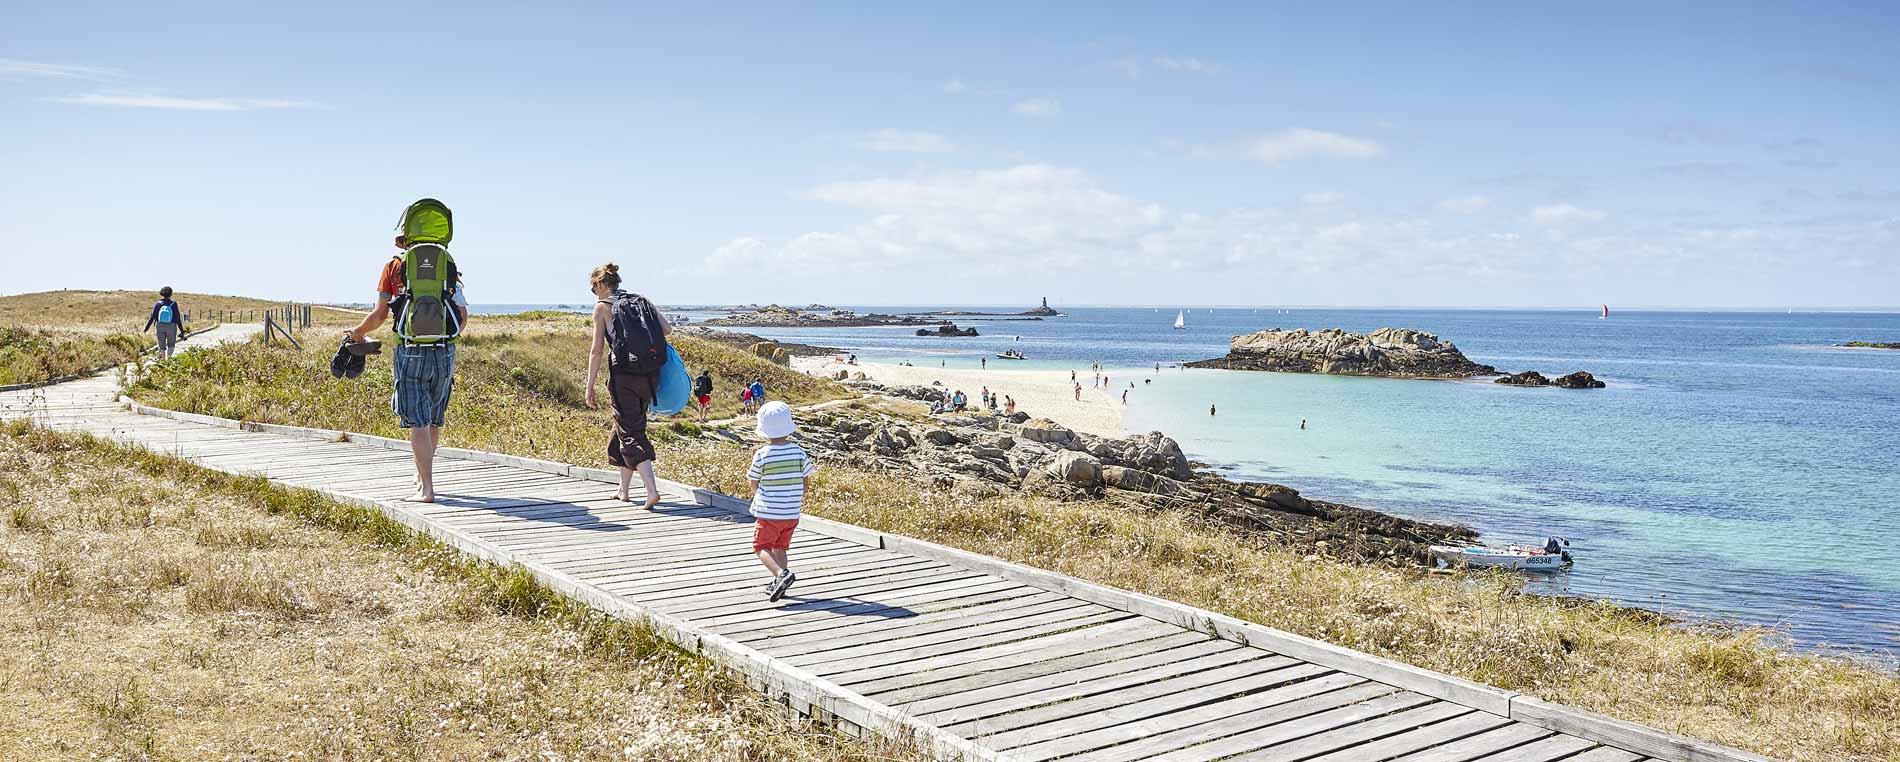 L'archipel des Glénan dans le sud Finistère